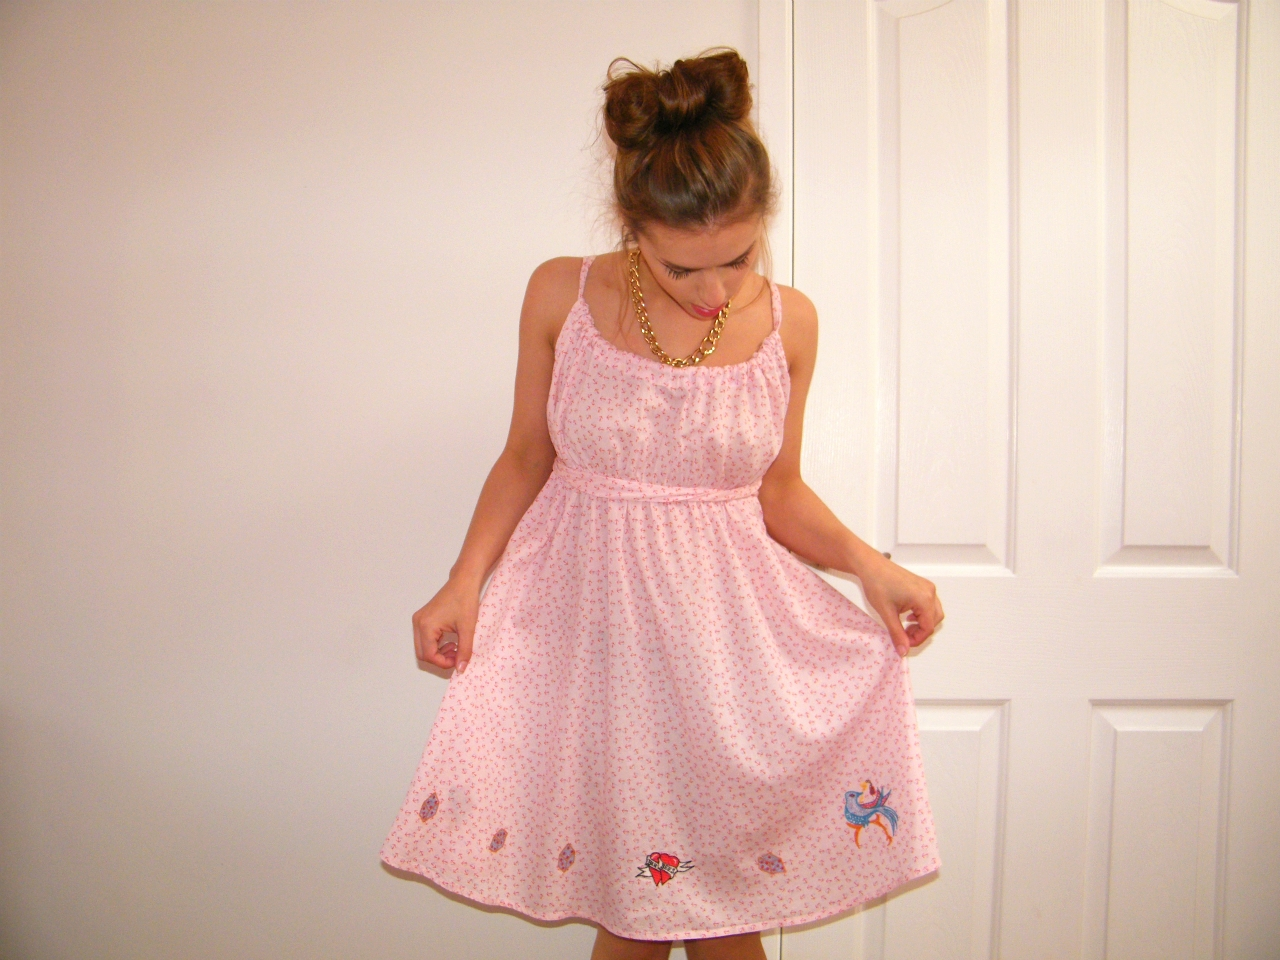 Topshop Pink Nautical Dress